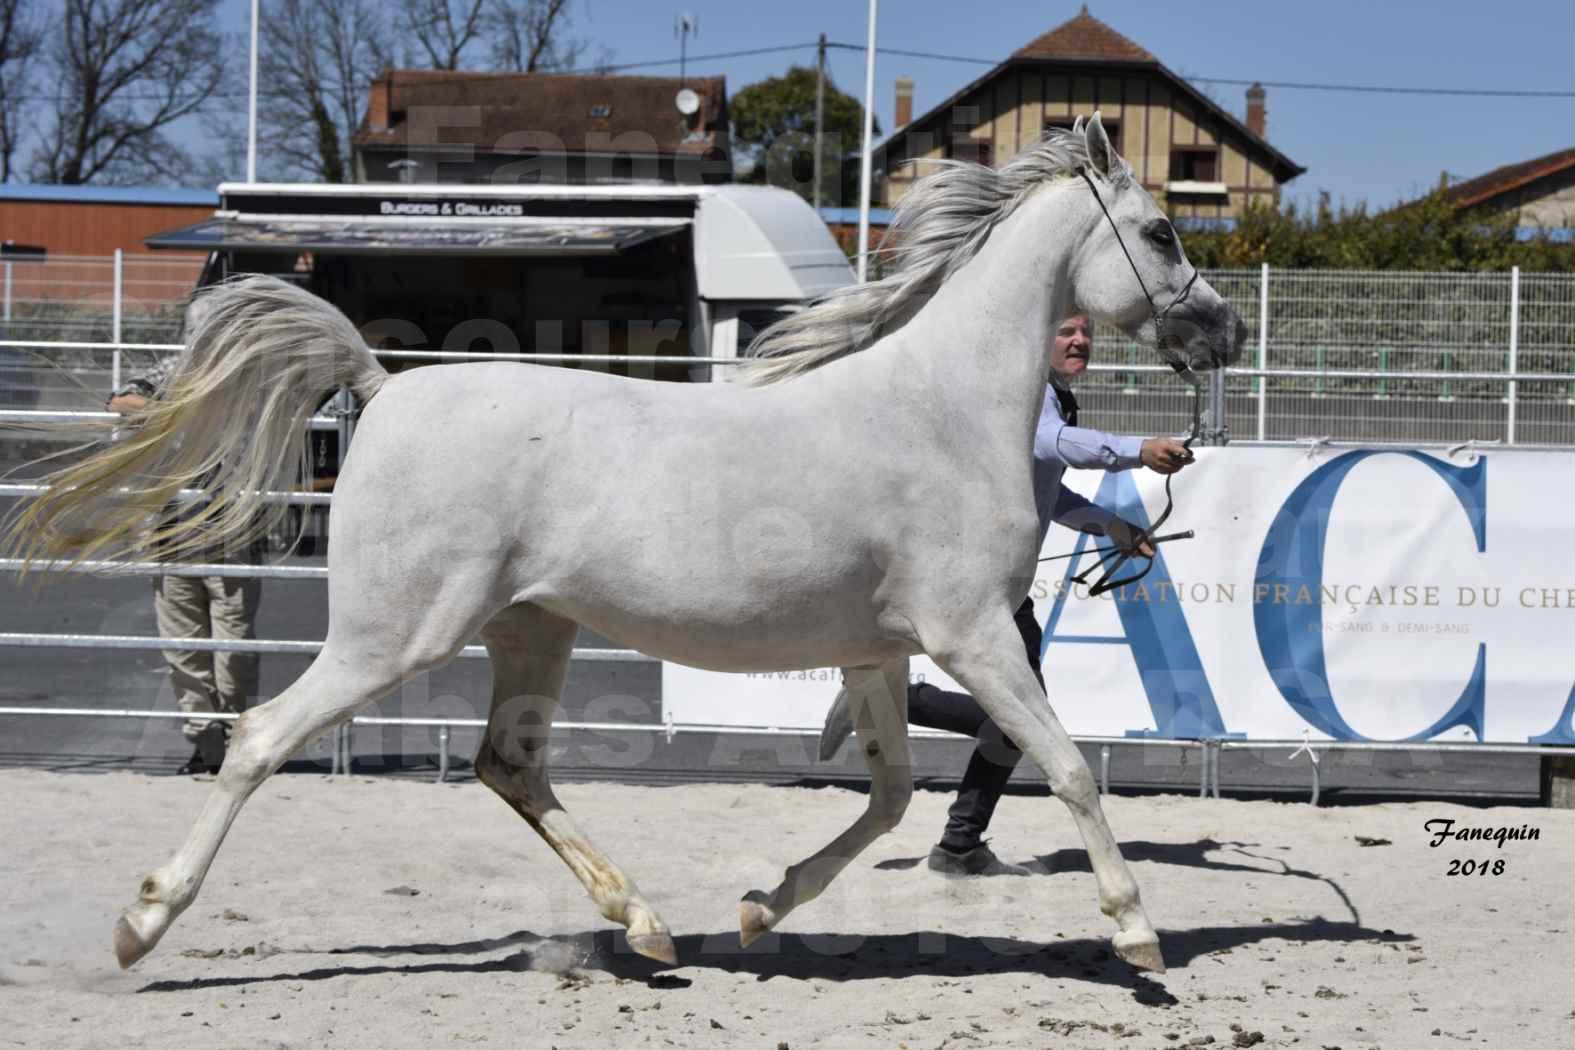 Concours d'élevage de Chevaux Arabes - Demi Sang Arabes - Anglo Arabes - ALBI les 6 & 7 Avril 2018 - FEDORA DE LAFON - Notre Sélection - 1